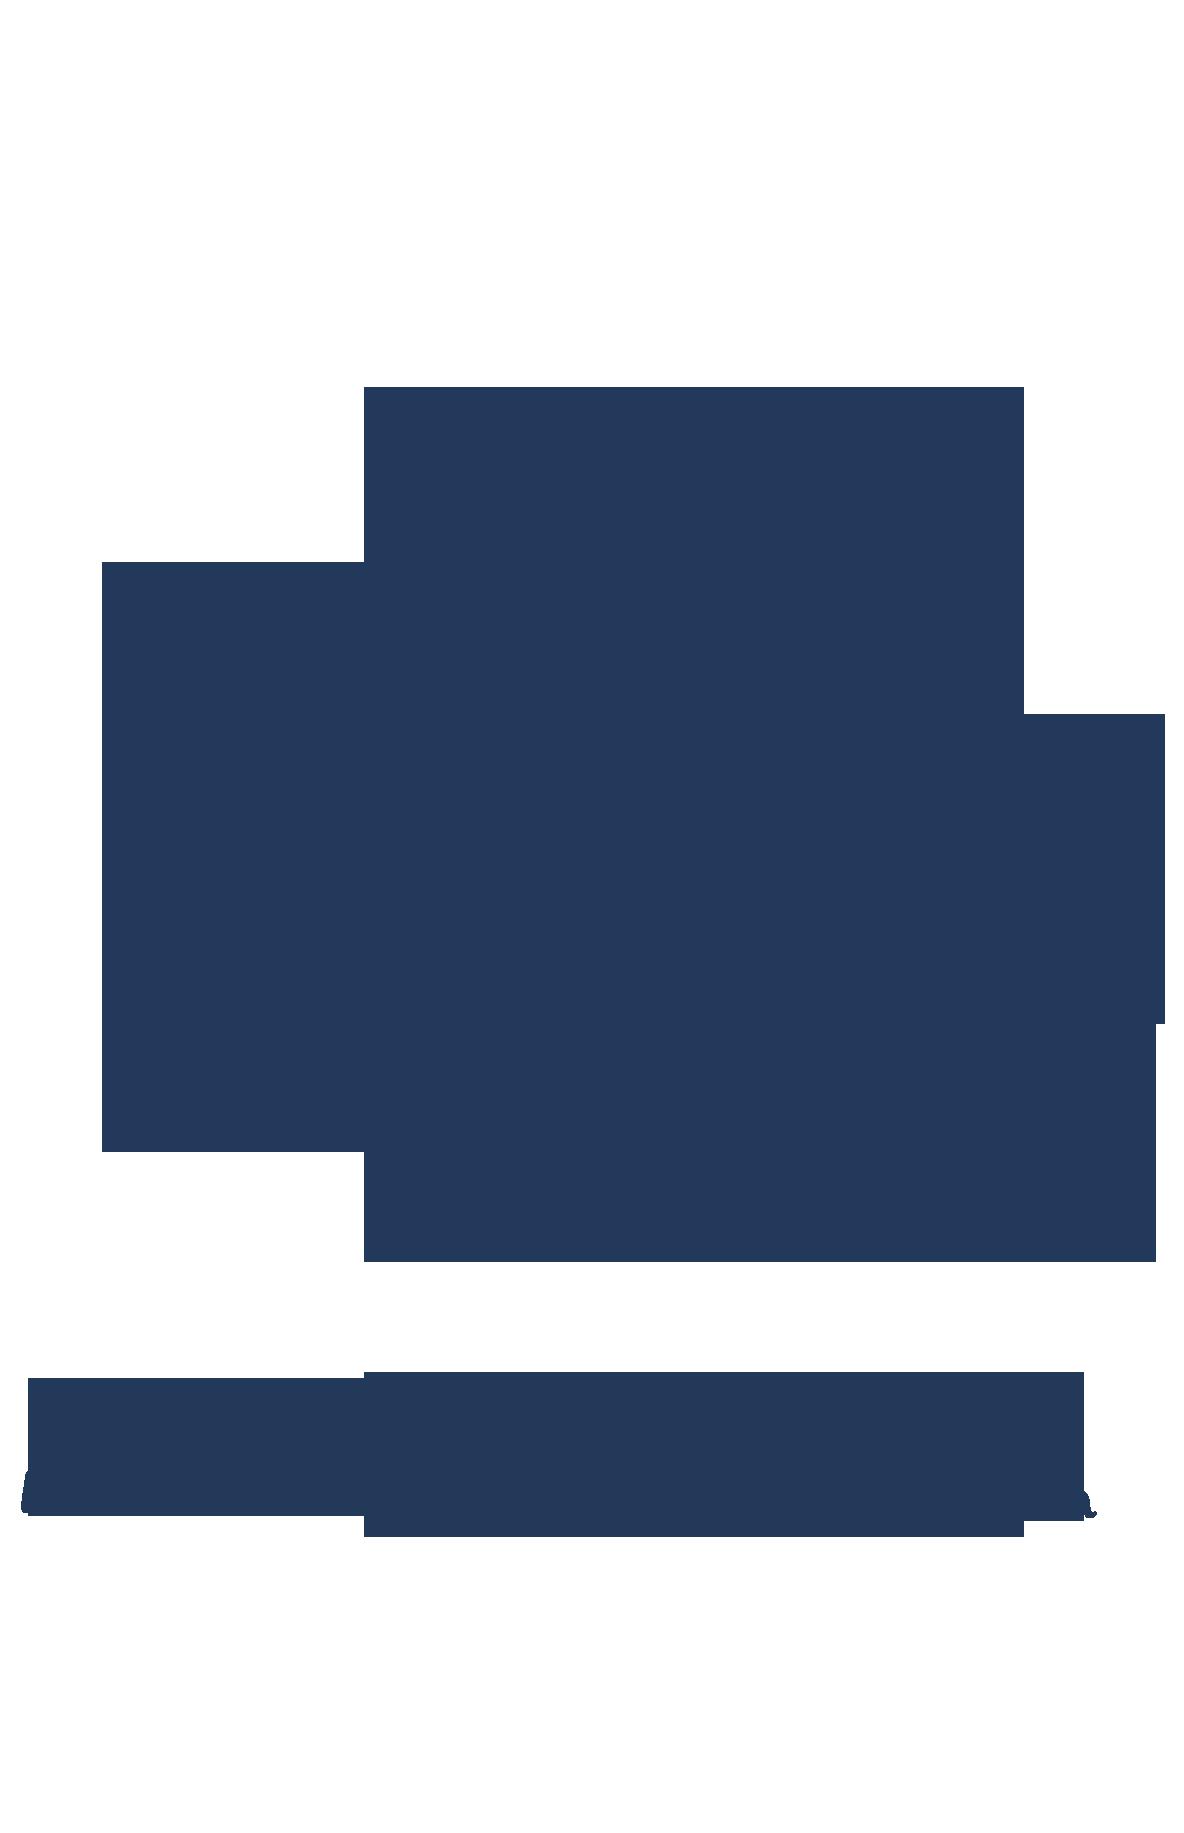 BRO_PFA_Participatie.png